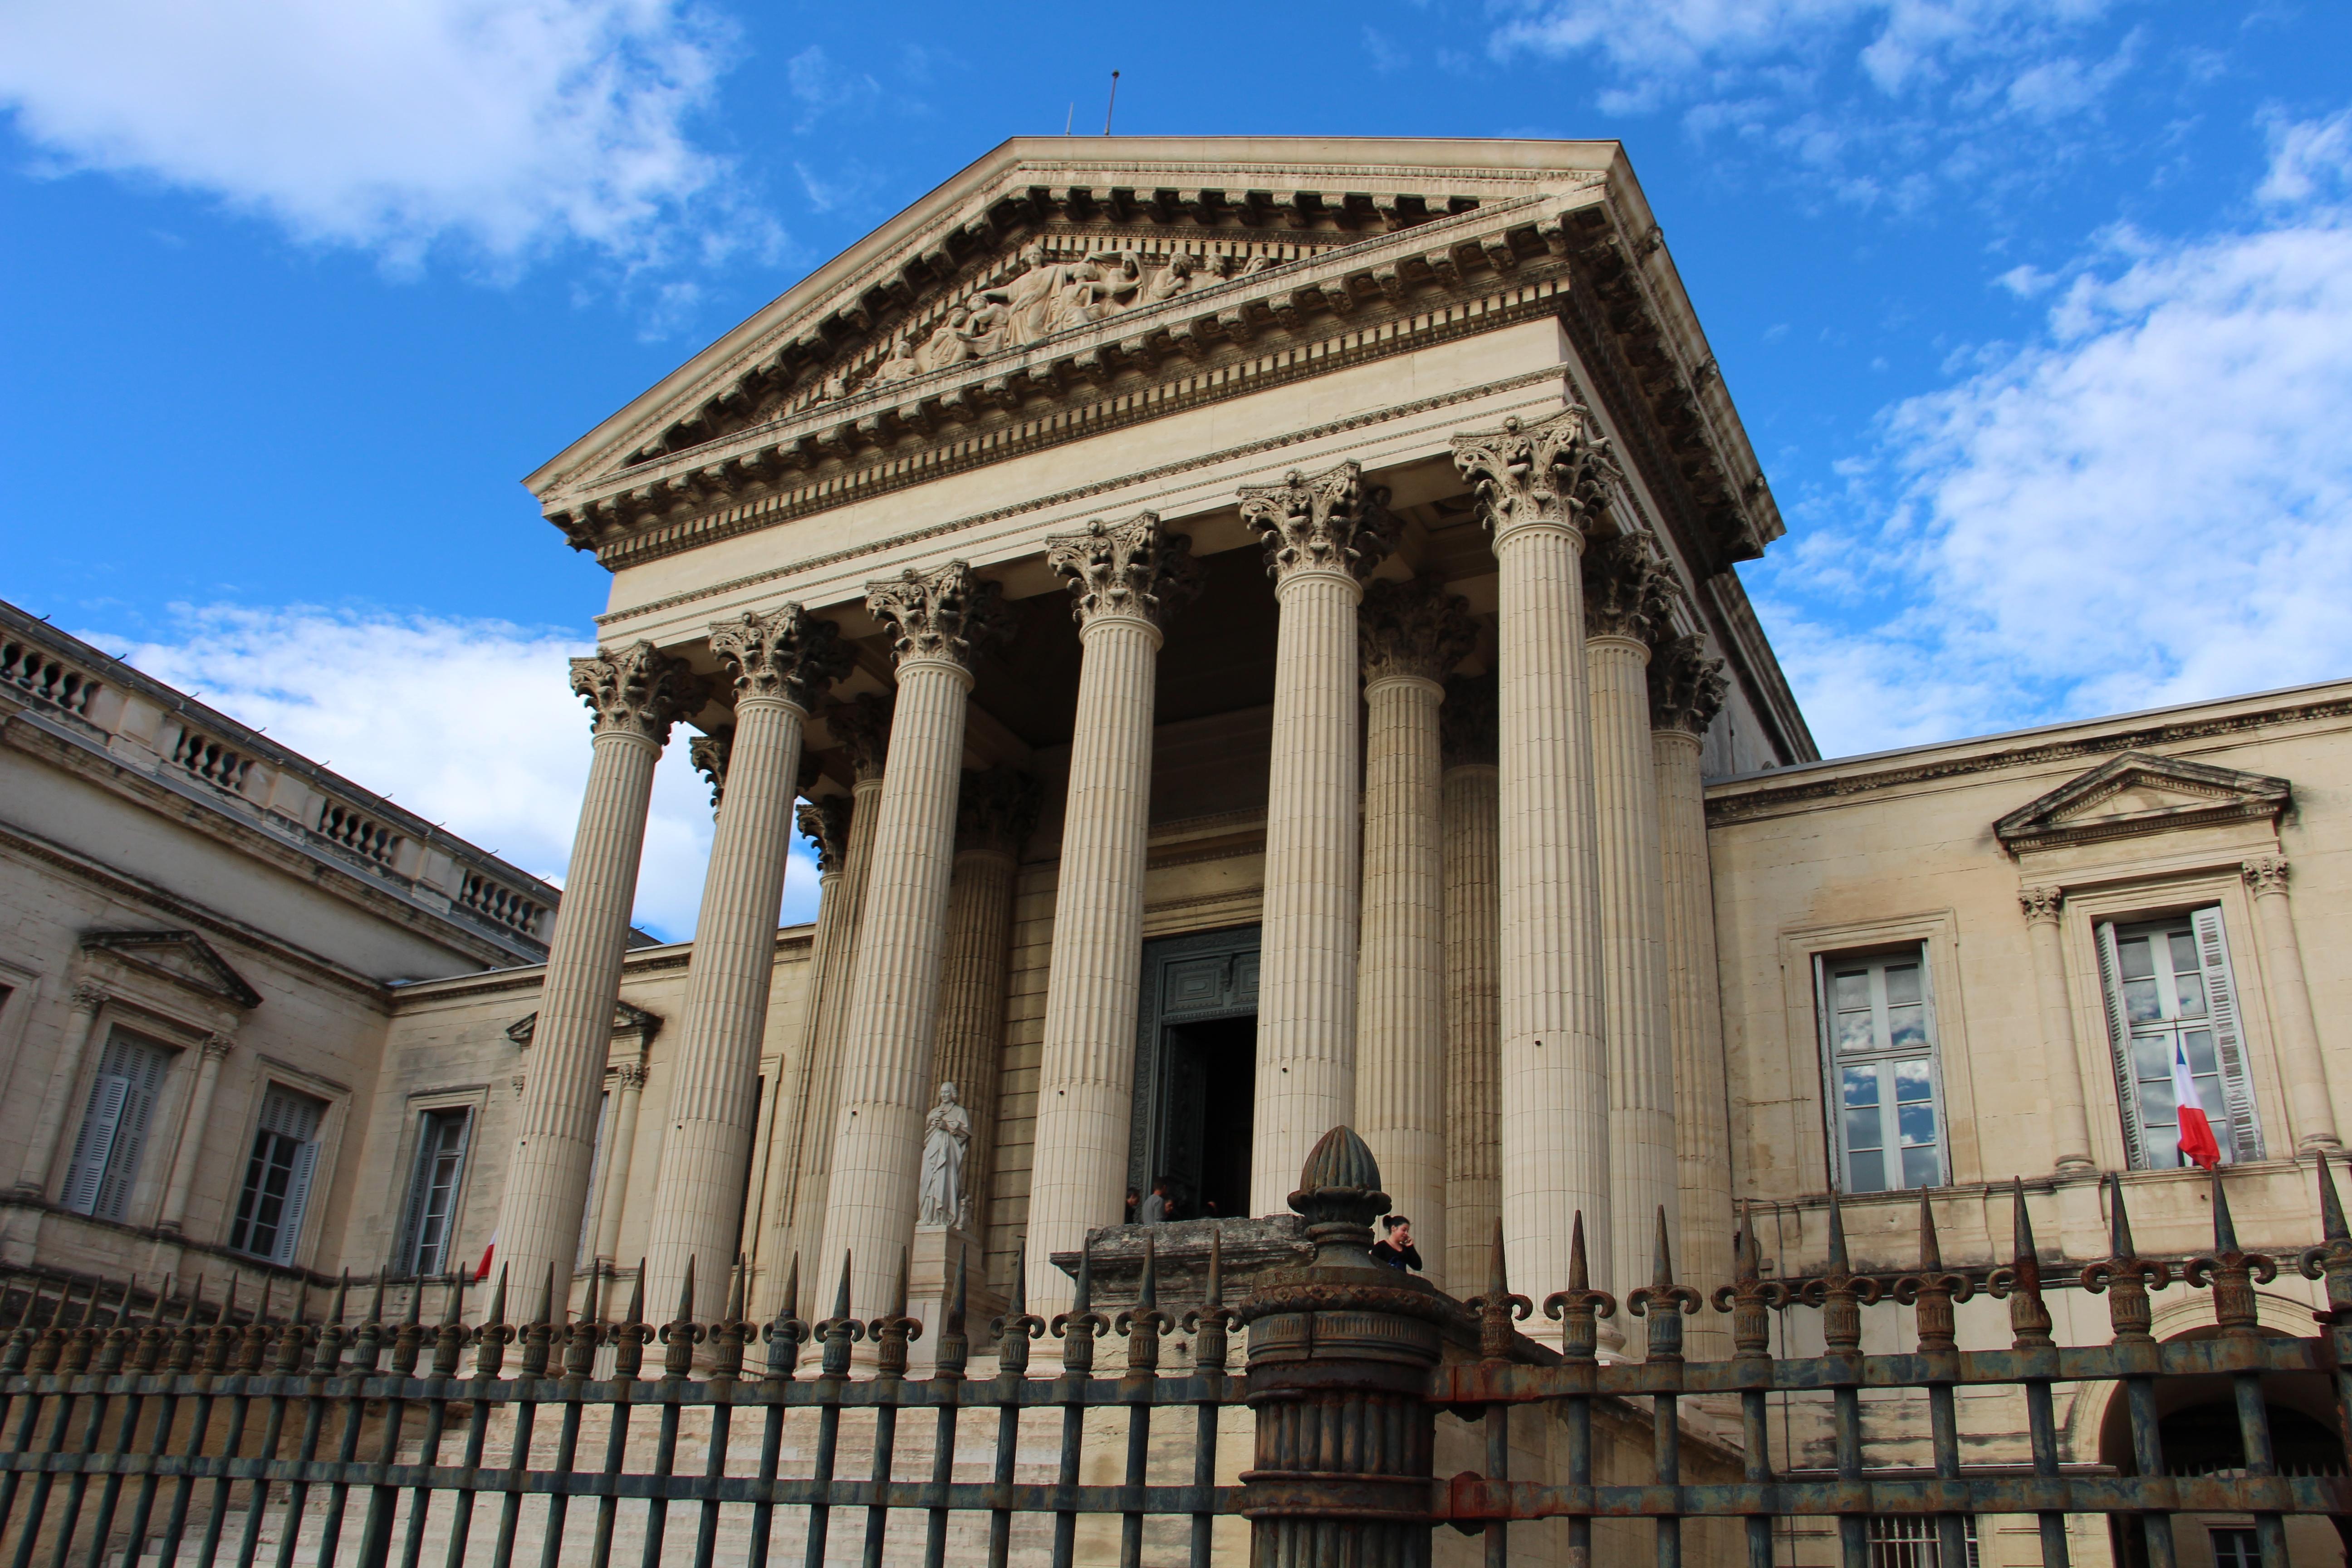 Nouveau visite guid e l histoire du droit mercredi 25 avril 15h salle de presse - Office de tourisme de montpellier ...